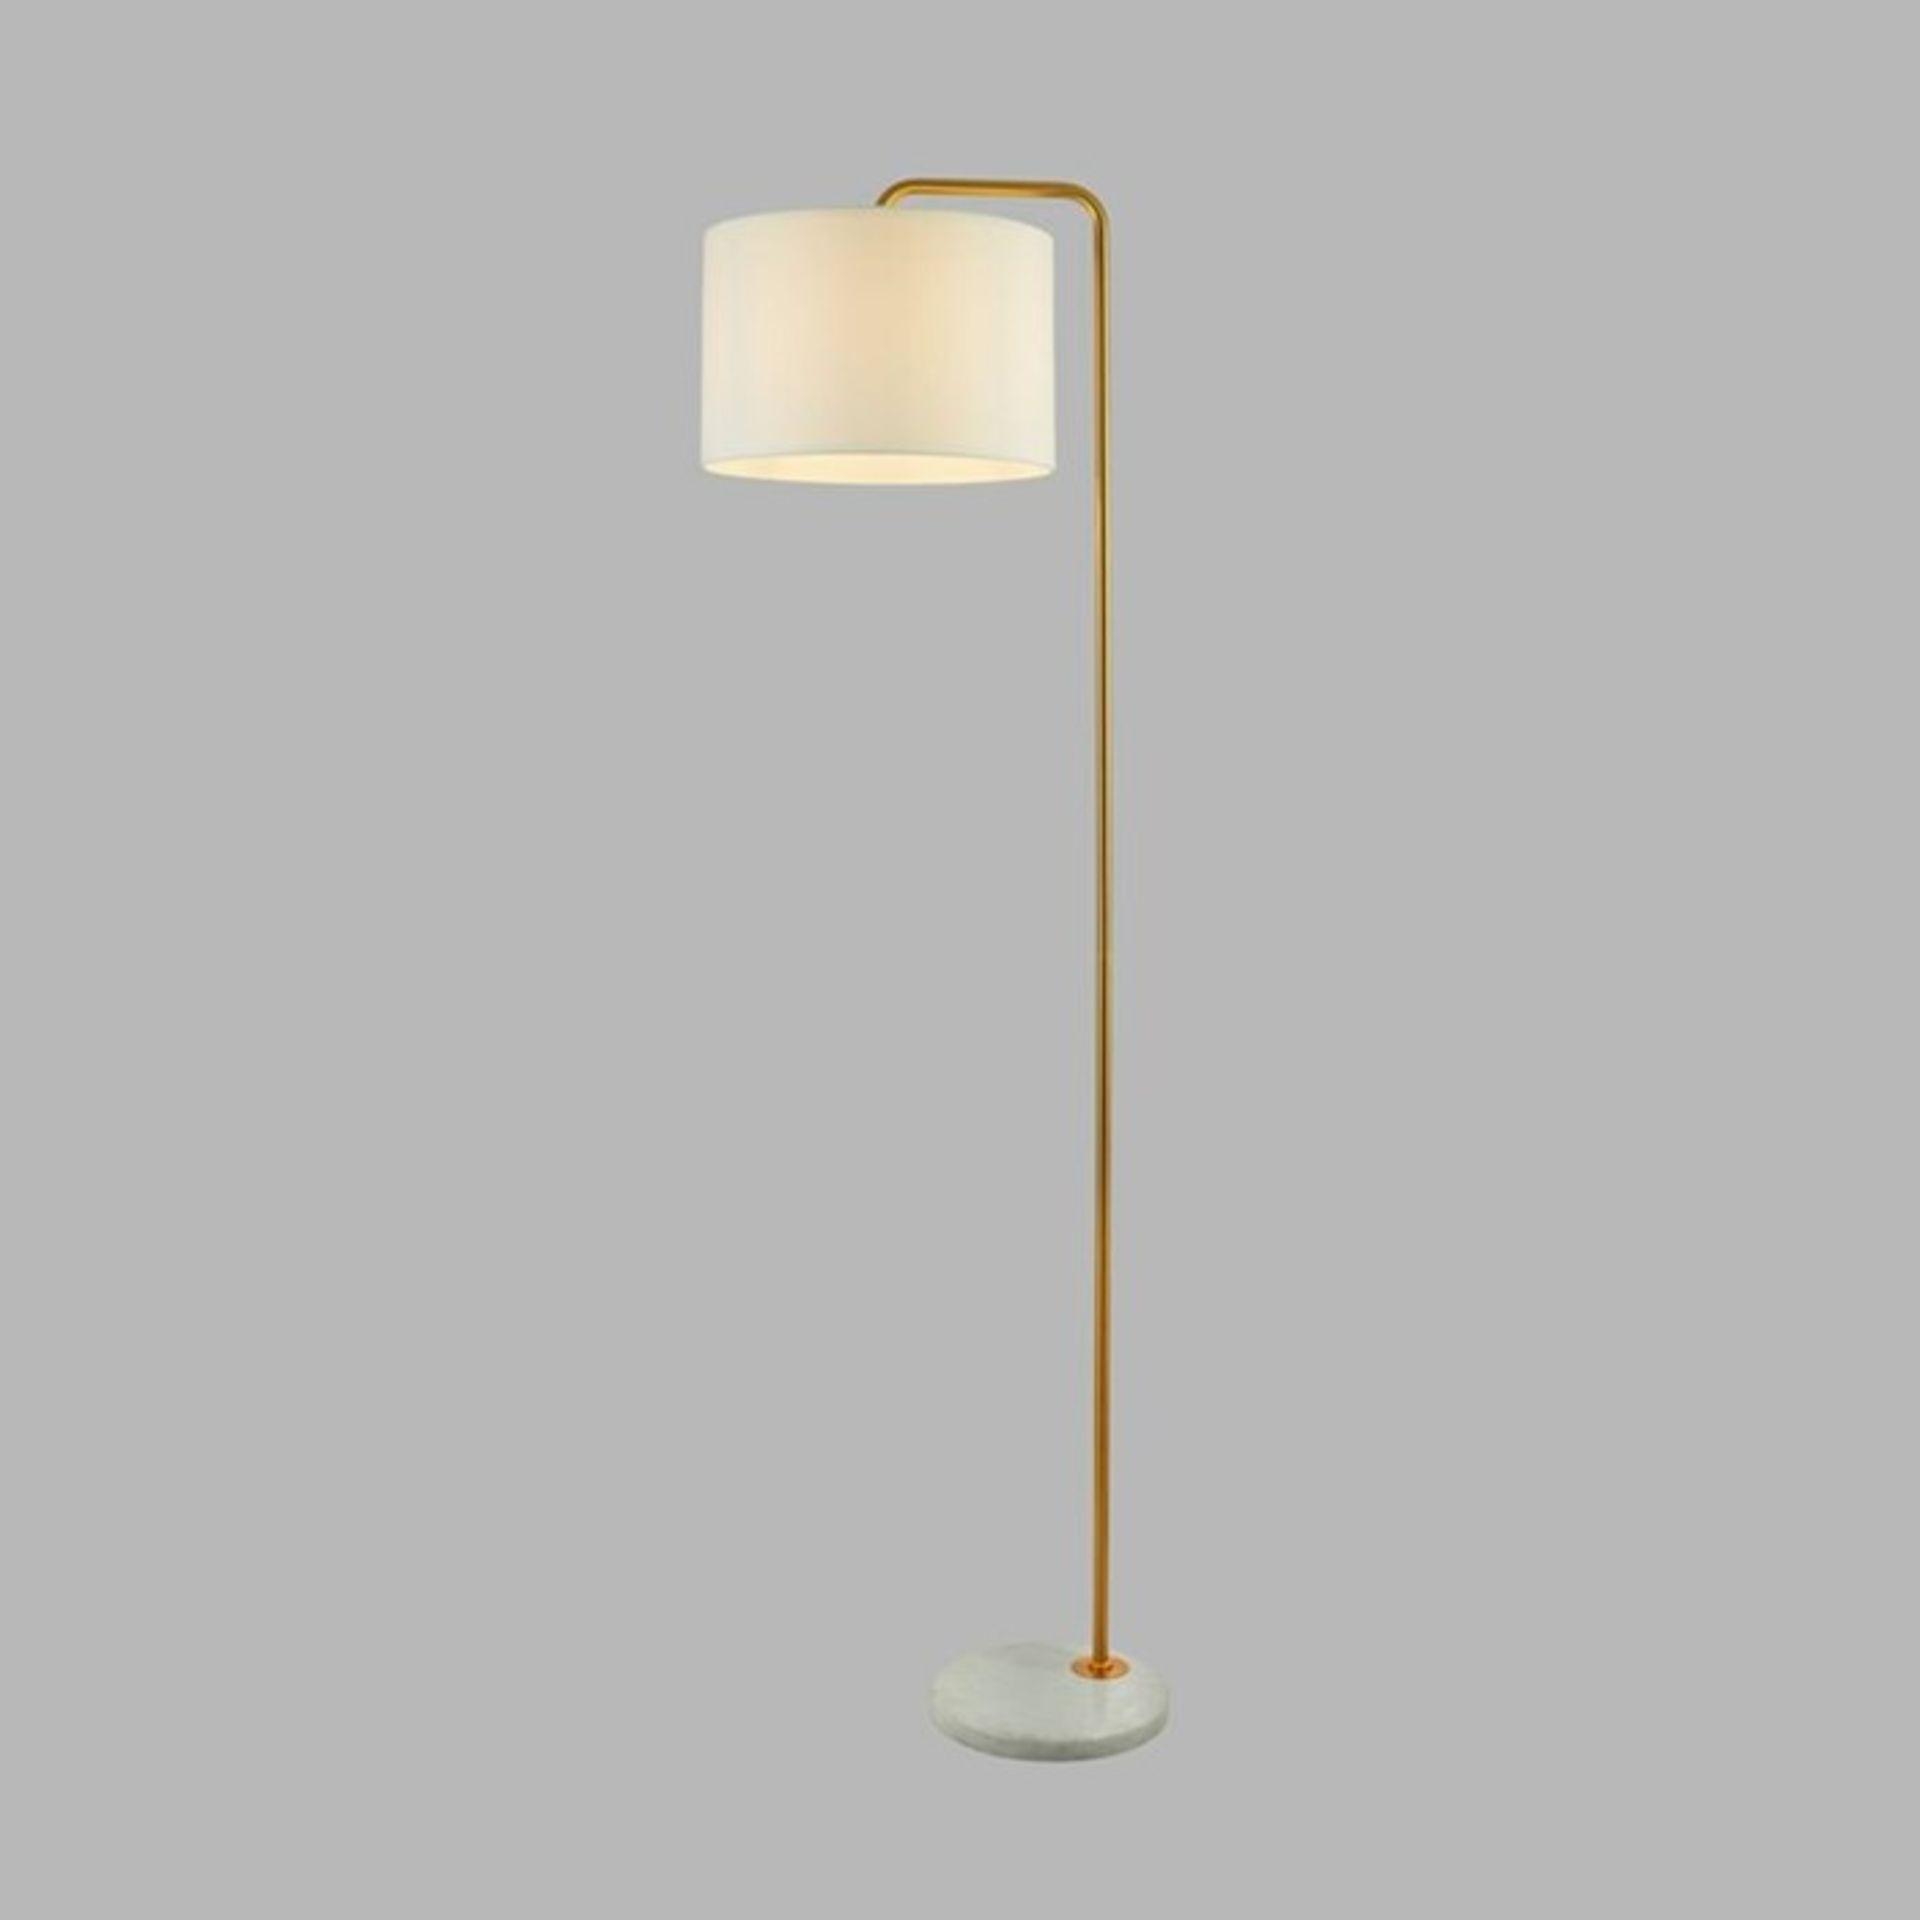 Fairmont Park, McCarten 155cm Reading Floor Lamp (GOLD/WHITE MARBLE) - RRP £113.99 (SRL10094 -